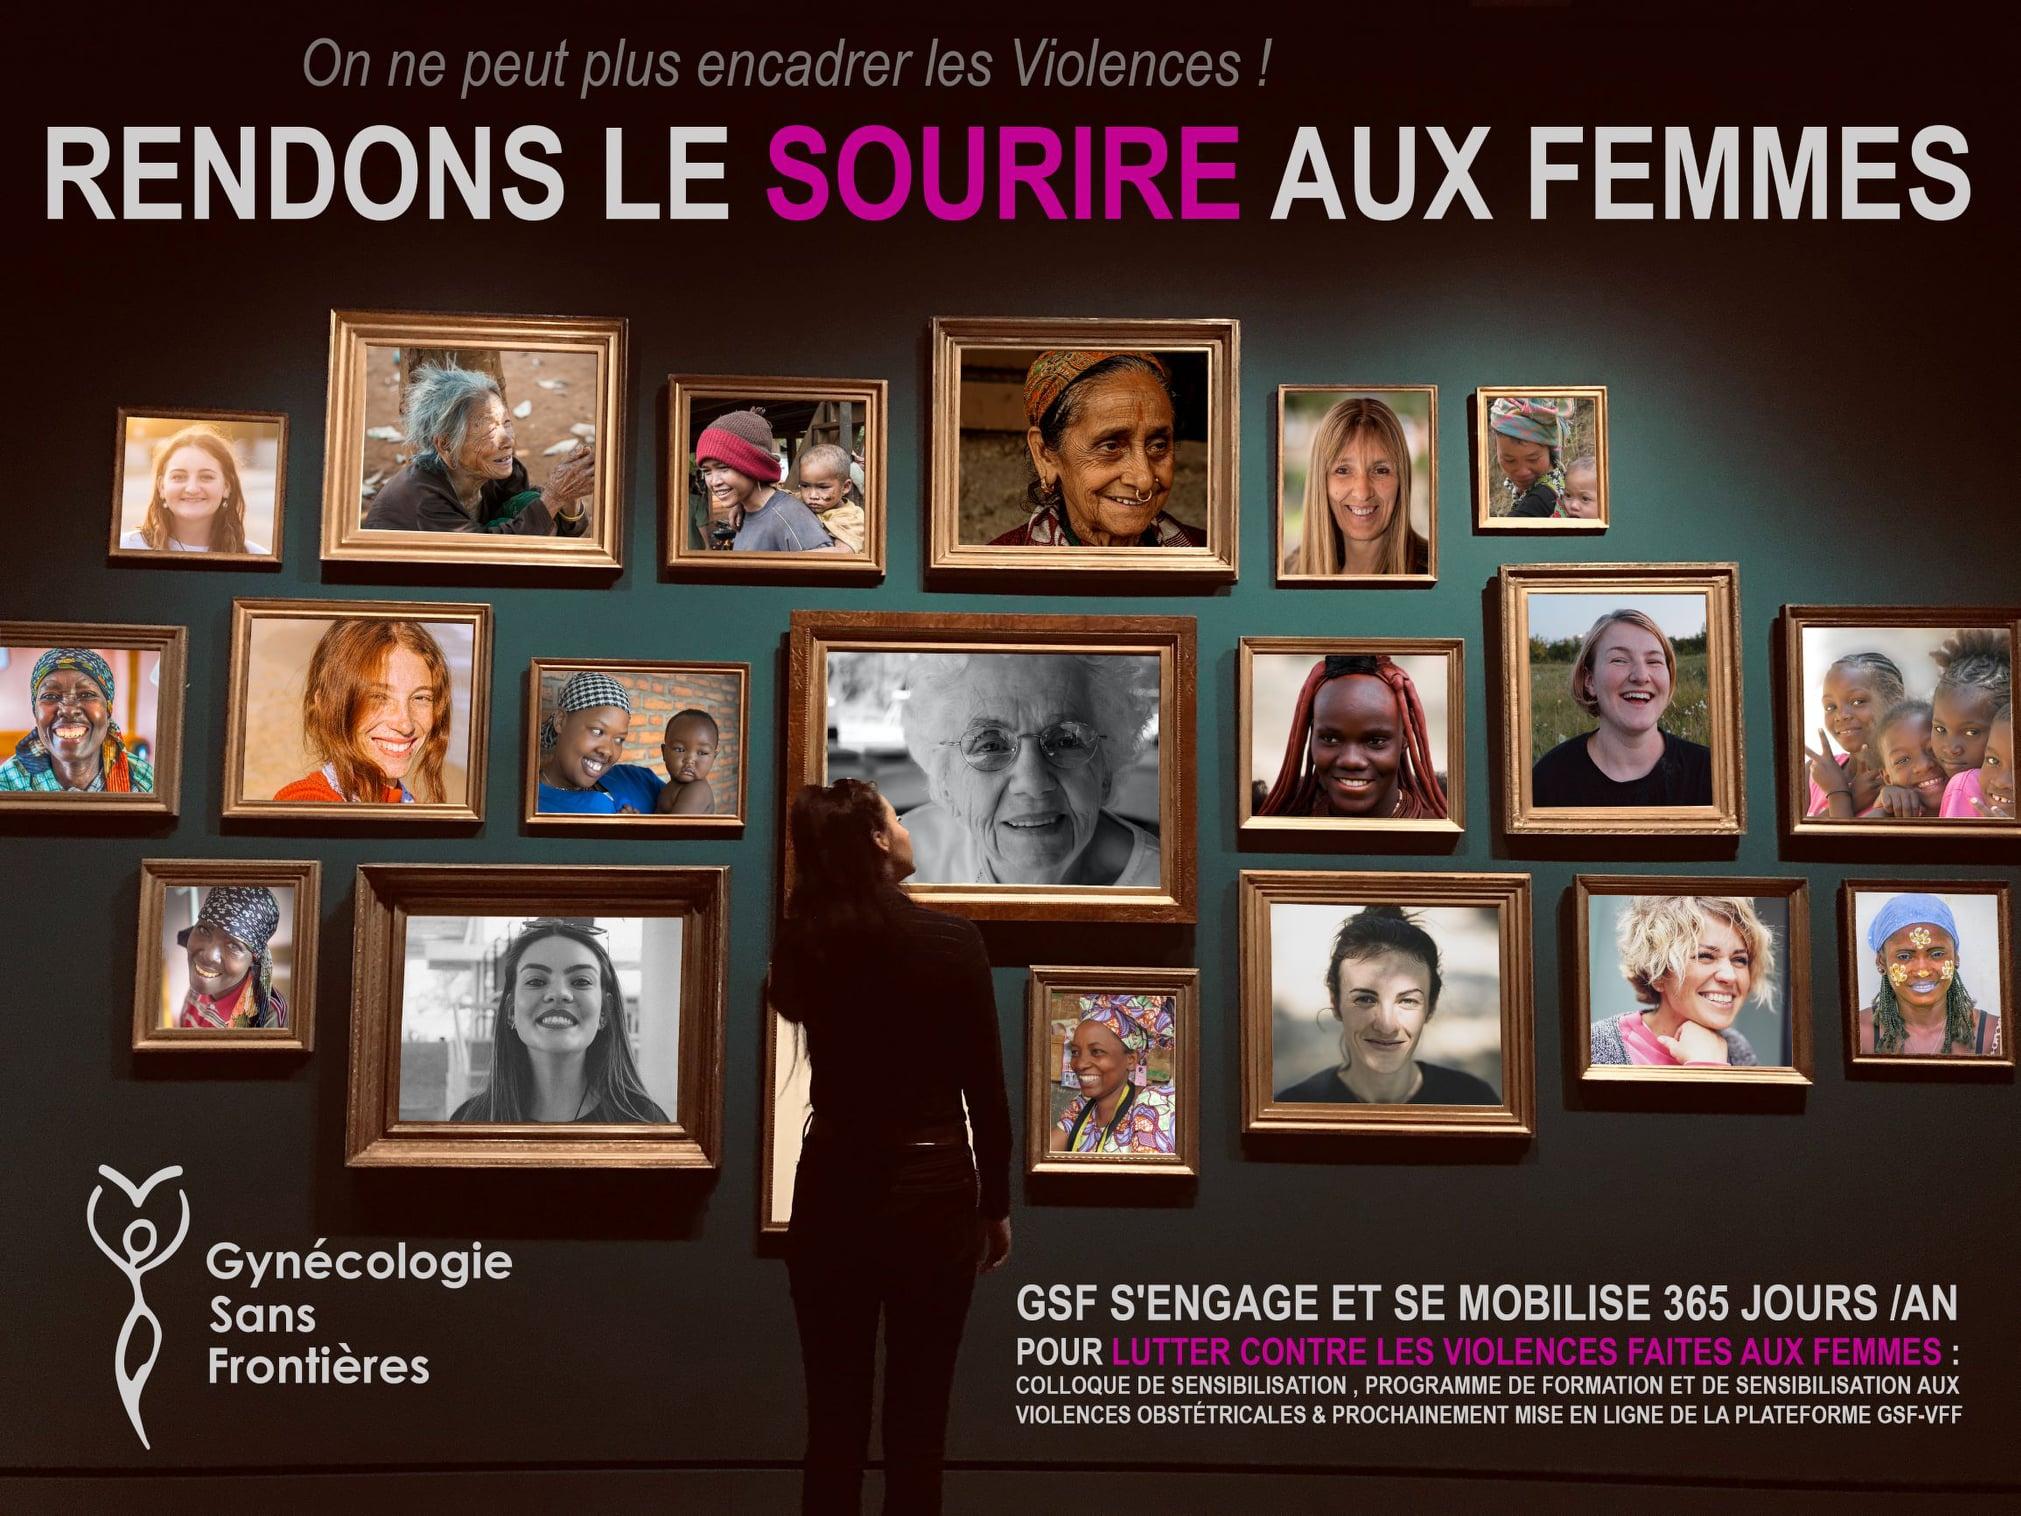 Agenda… La lutte contre les violences faites aux femmes, c'est l'affaire de tous et partout !